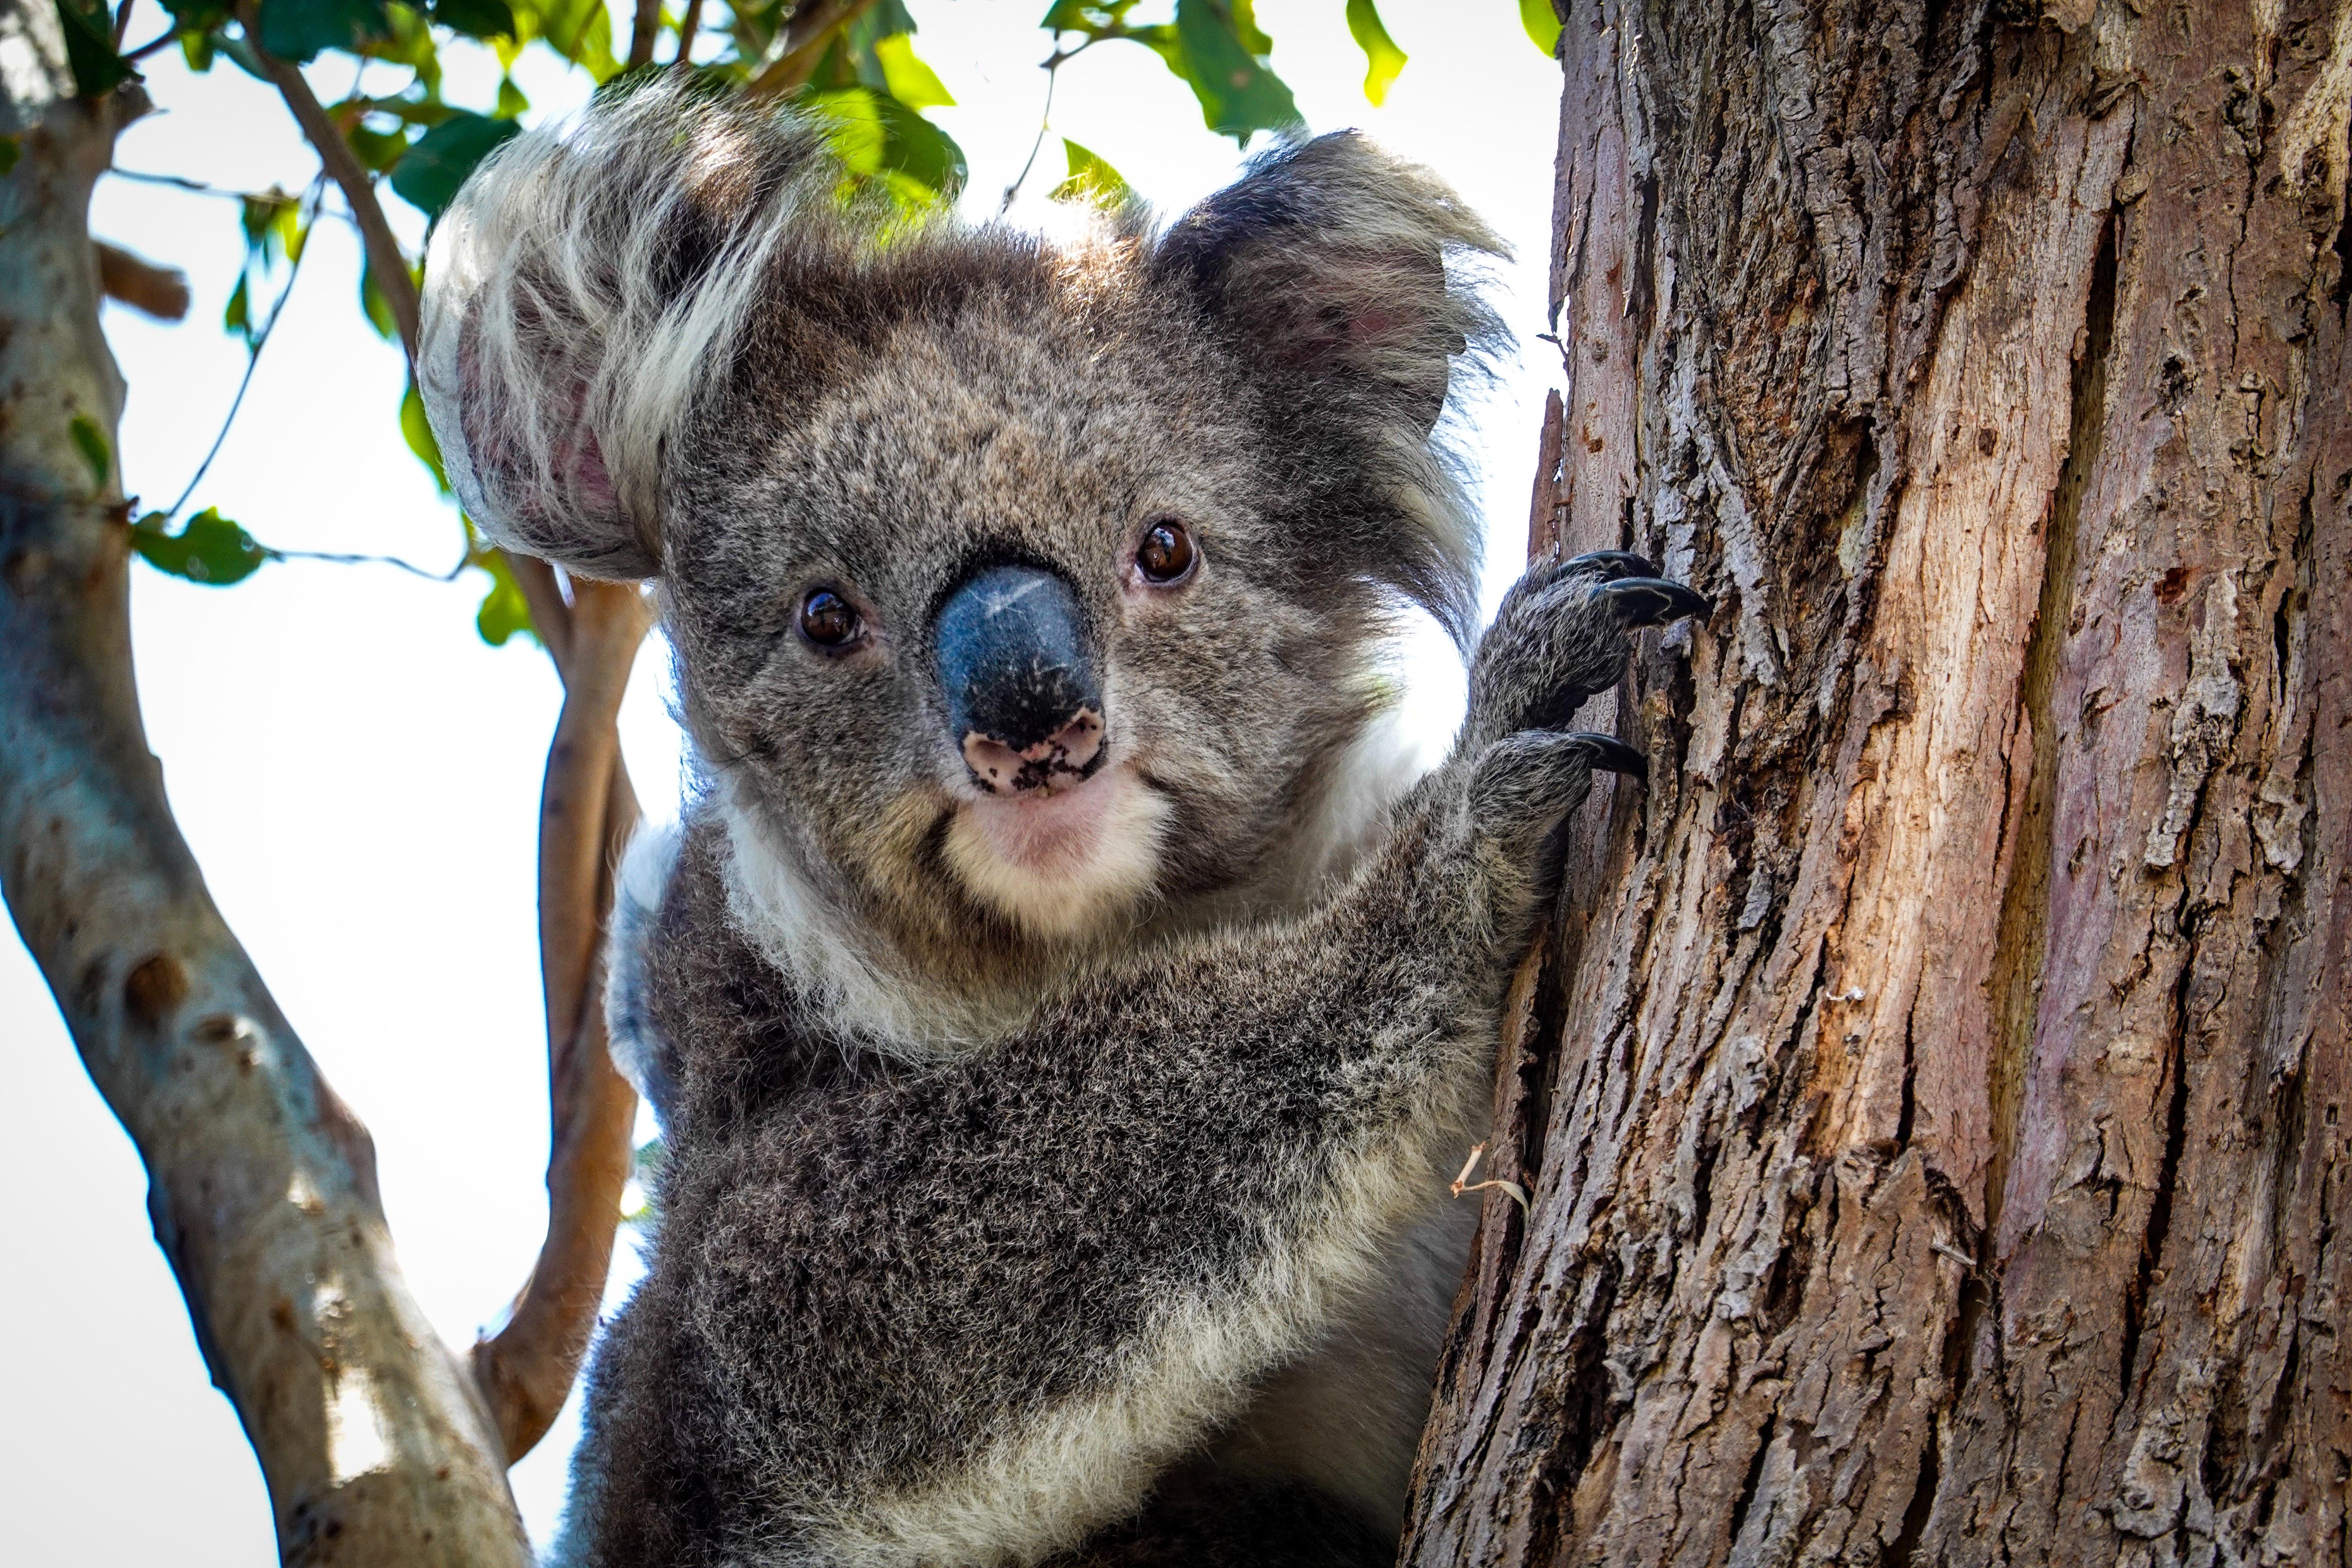 【動物占い】コアラの性格を調査!恋愛傾向や相性なども合わせてチェック